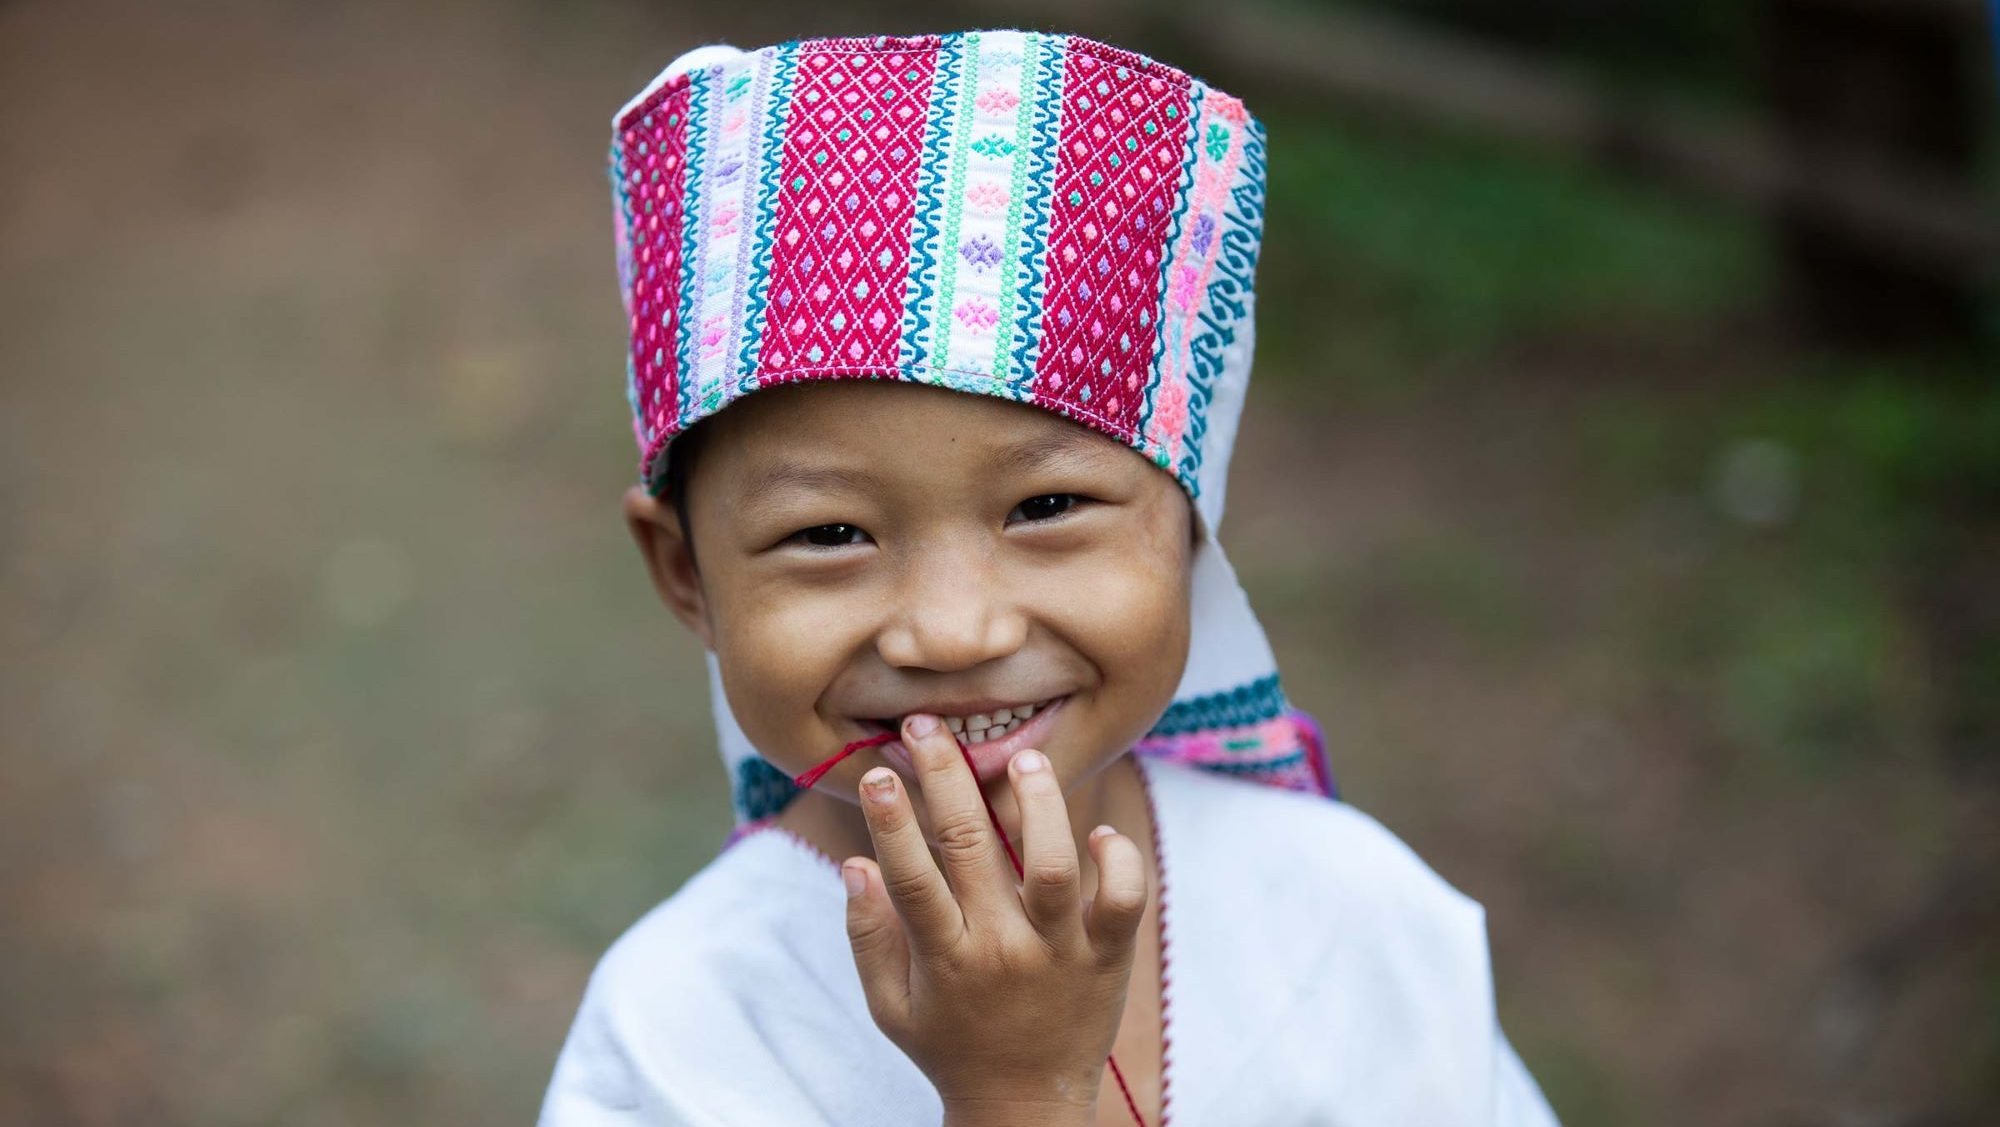 enfant ethnie thailande